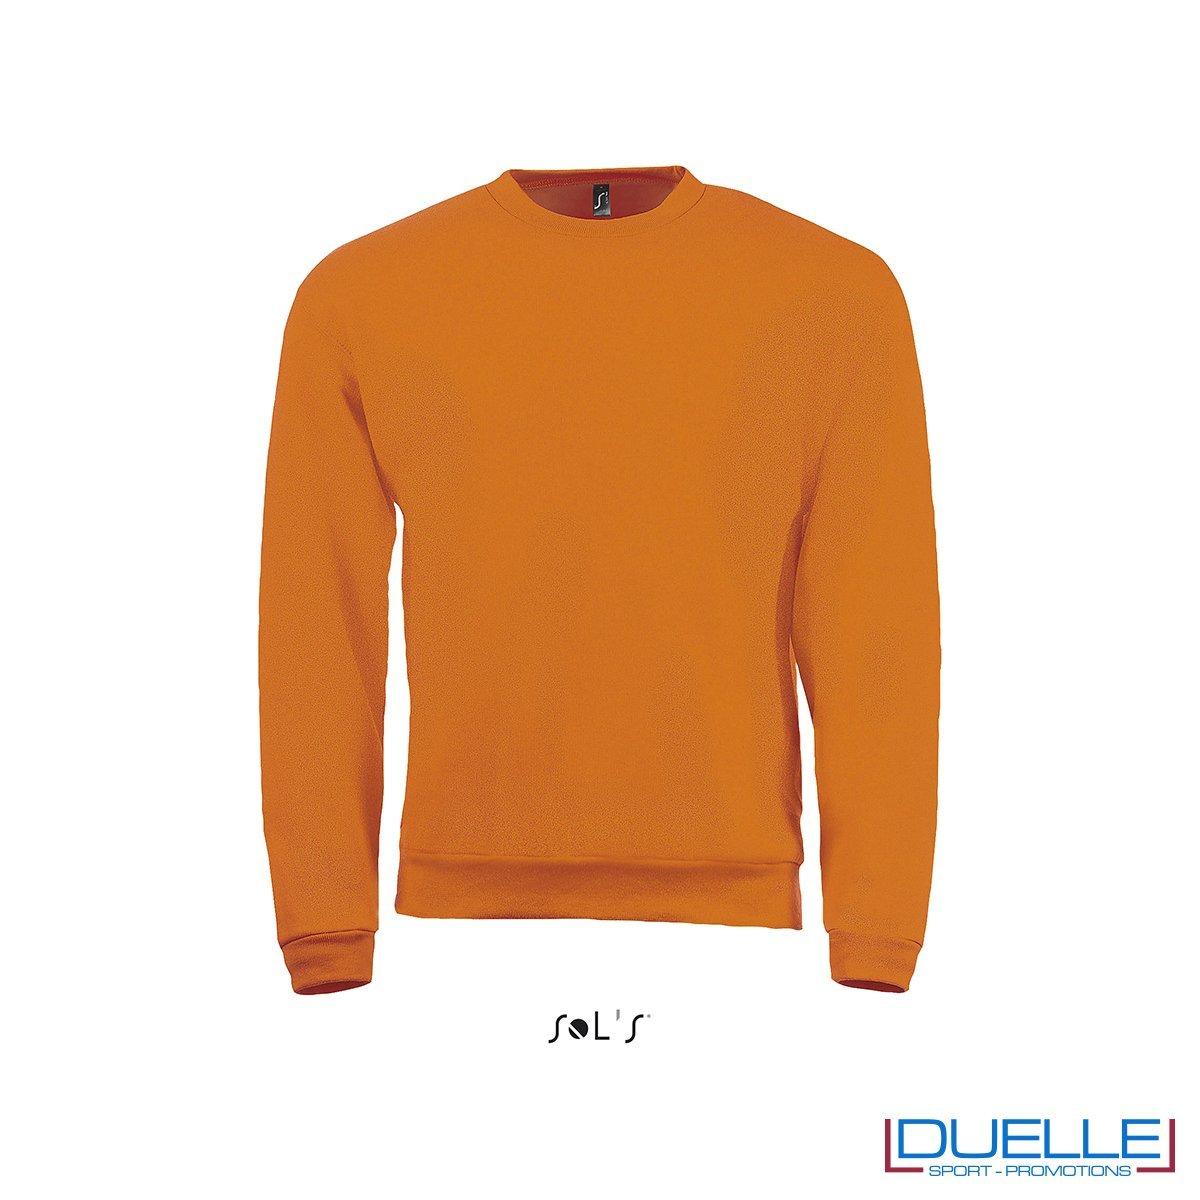 felpa personalizzata con girocollo in colore arancione, felpe personalizzate, abbigliamento promozionale personalizzato